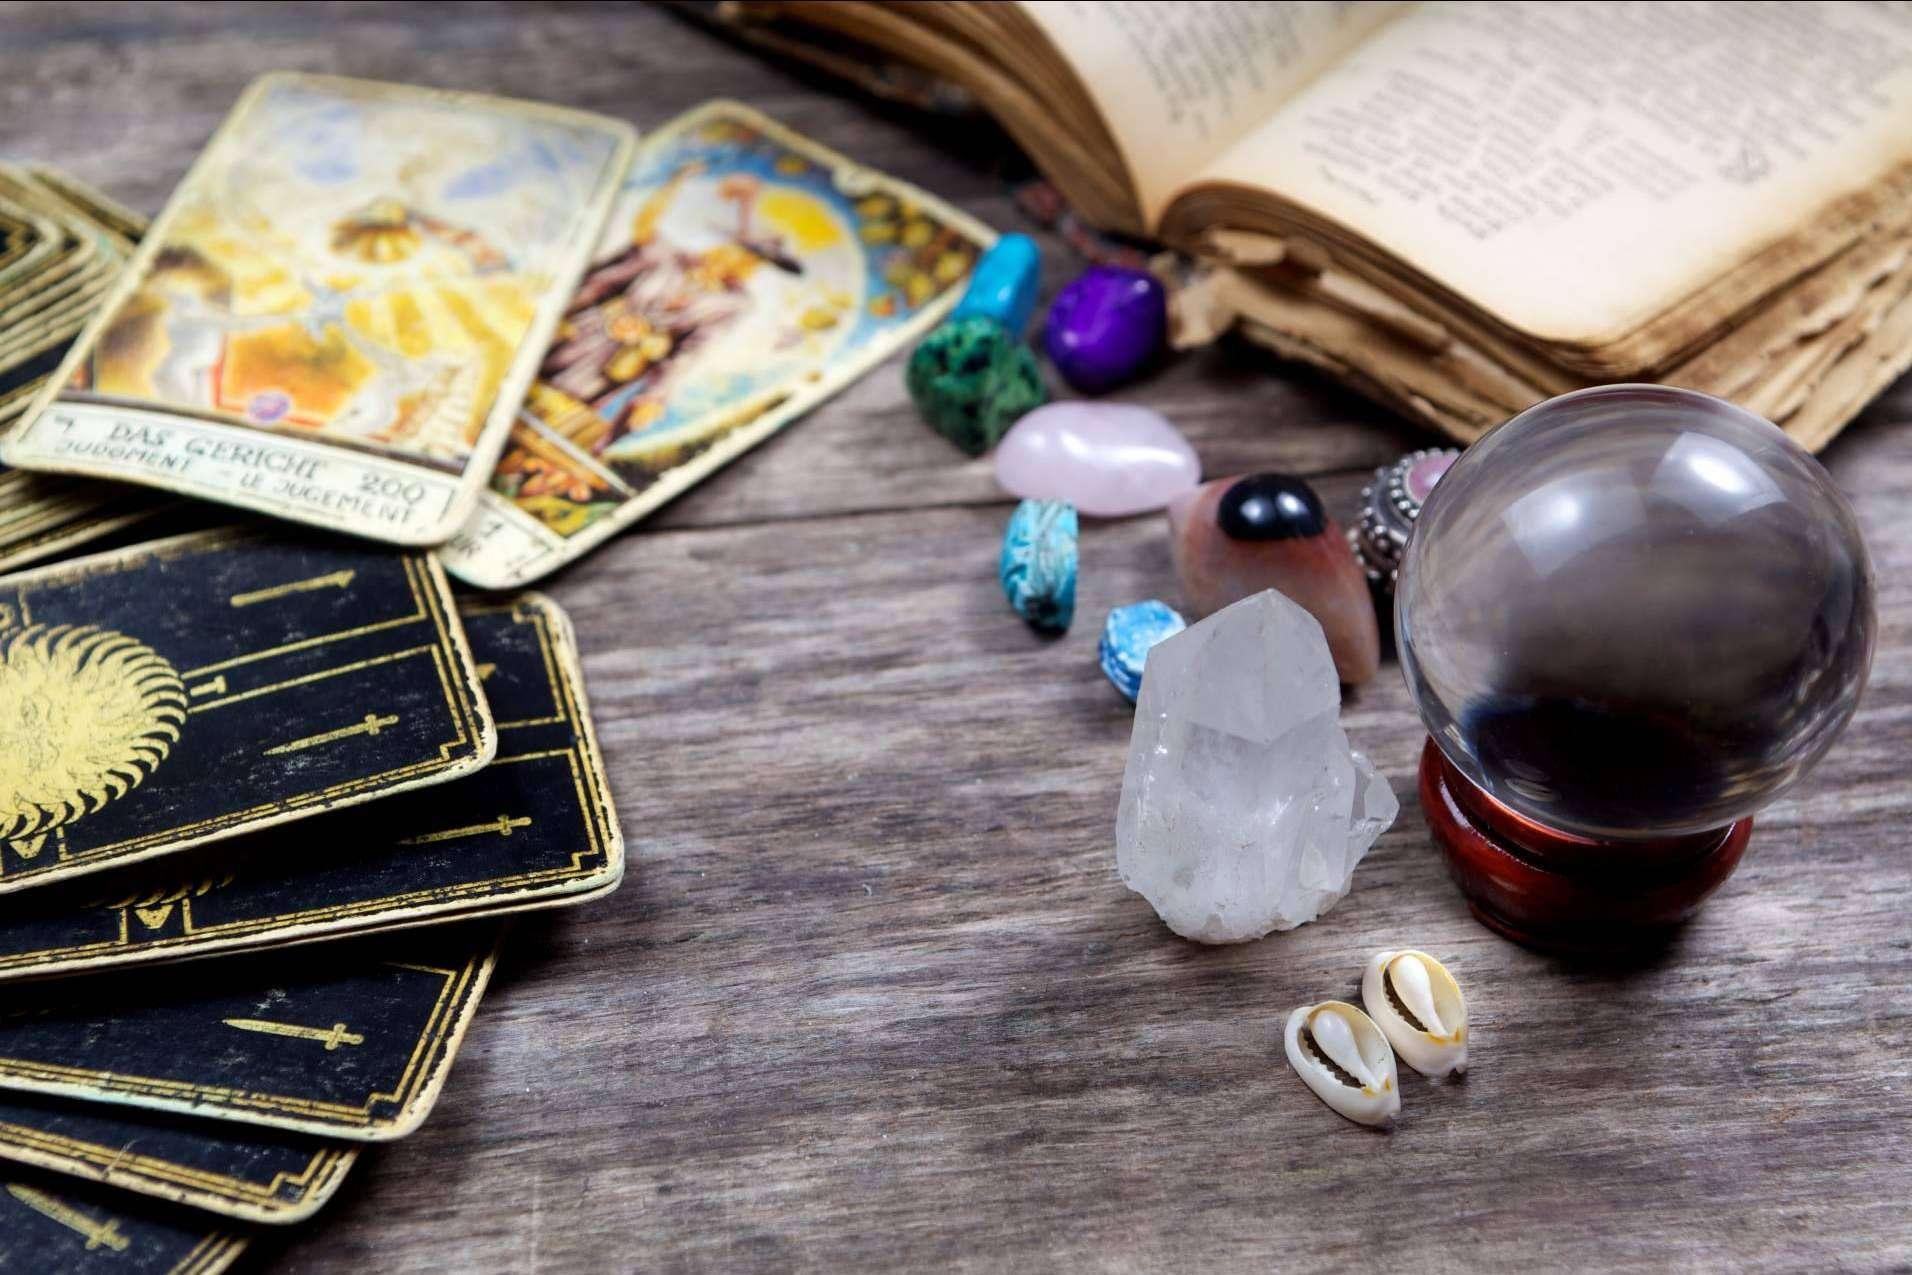 La Casa del Tarot y Videncia, expertos en servicios de tarot, videncia y horóscopos